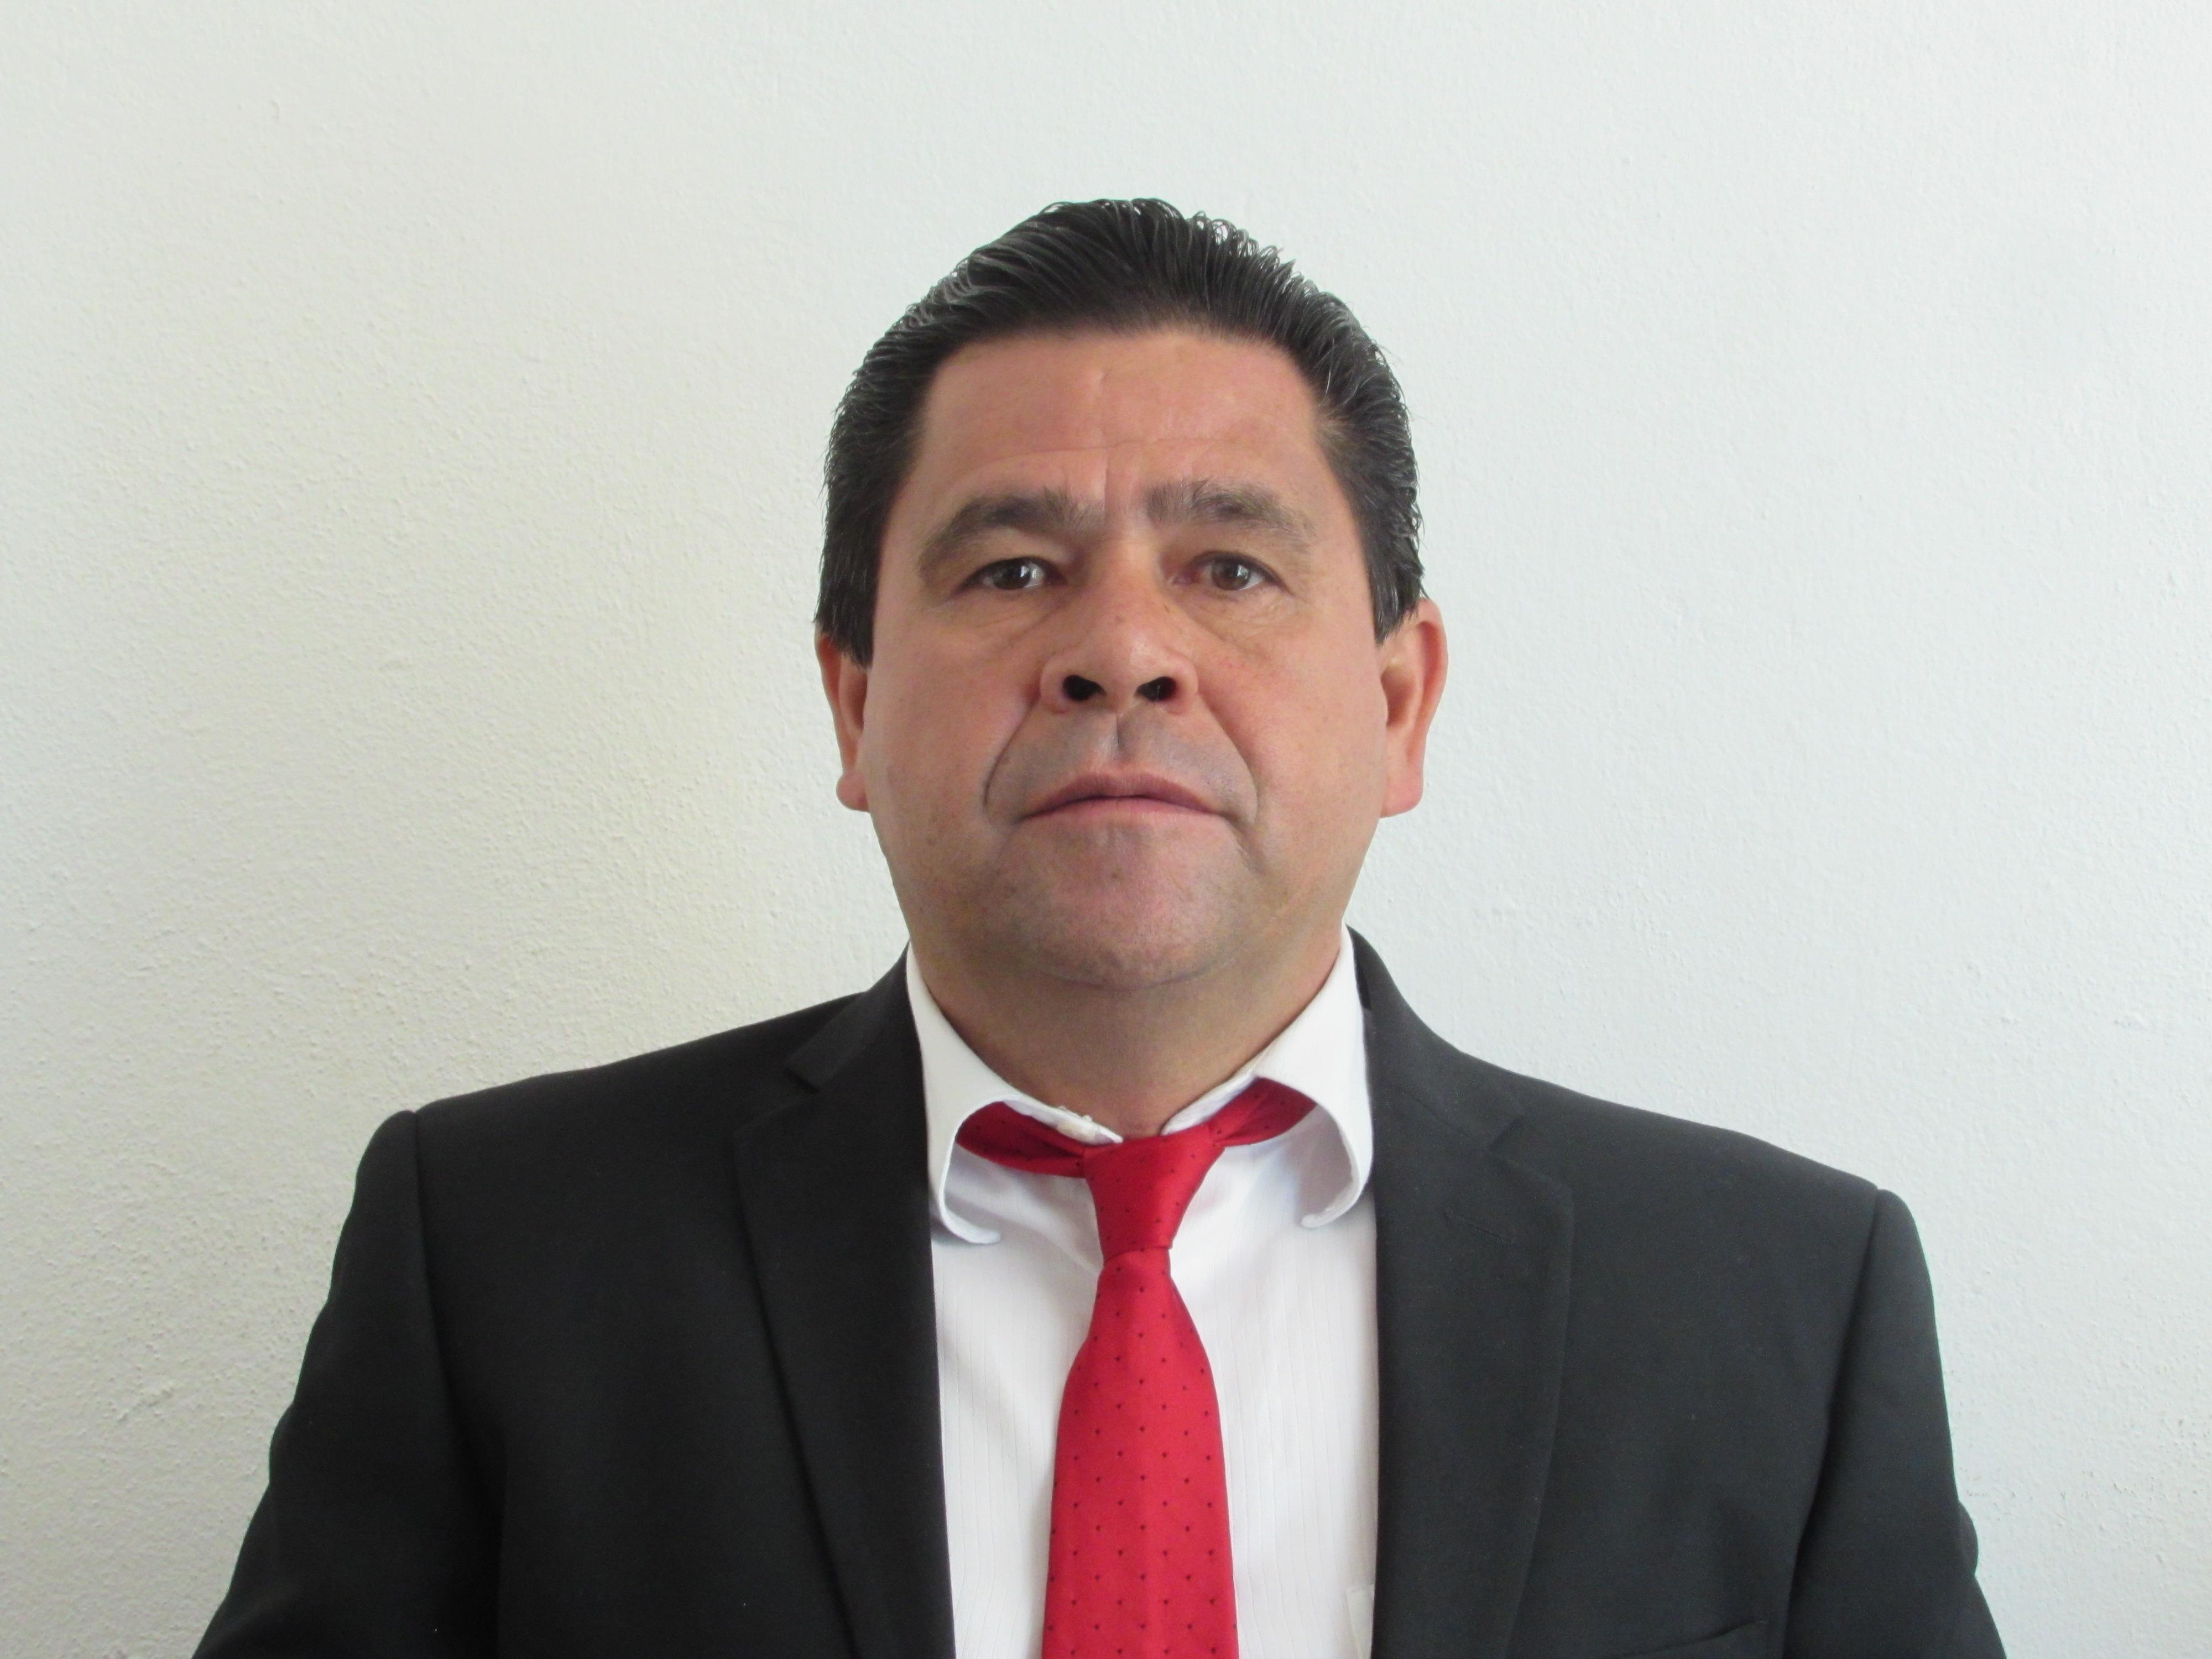 Carlos Enrique Sandoval Éxiga